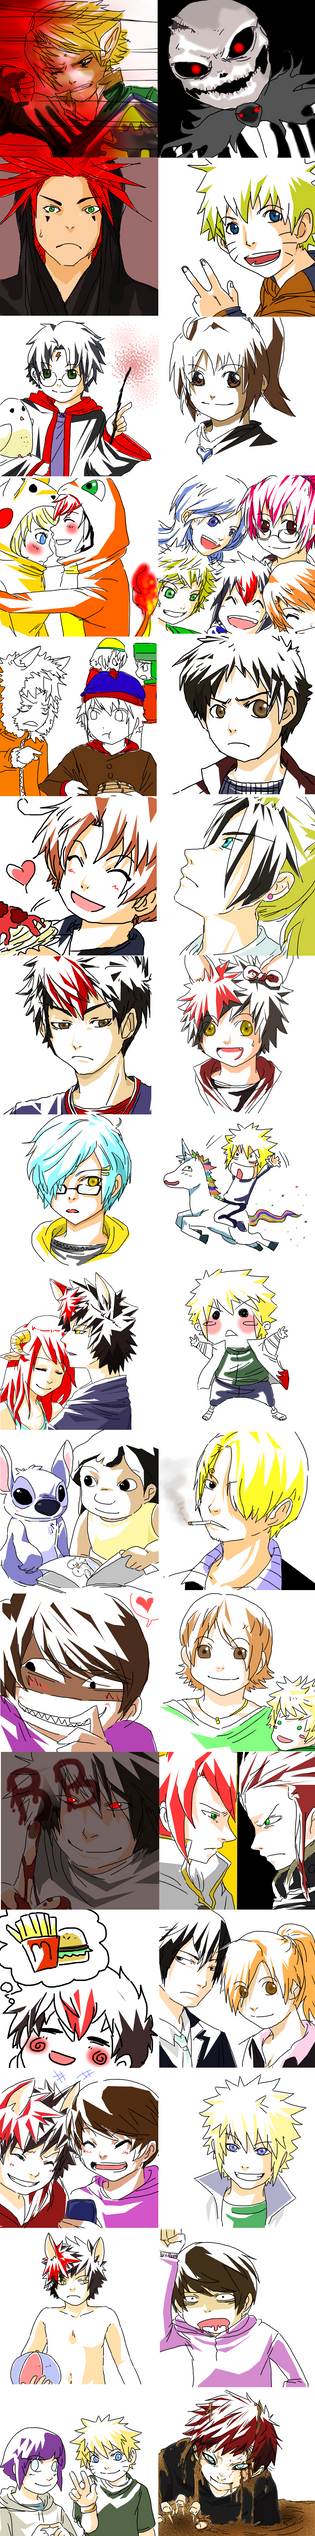 Sketch Dumpage Part Duex by AmukaUroy